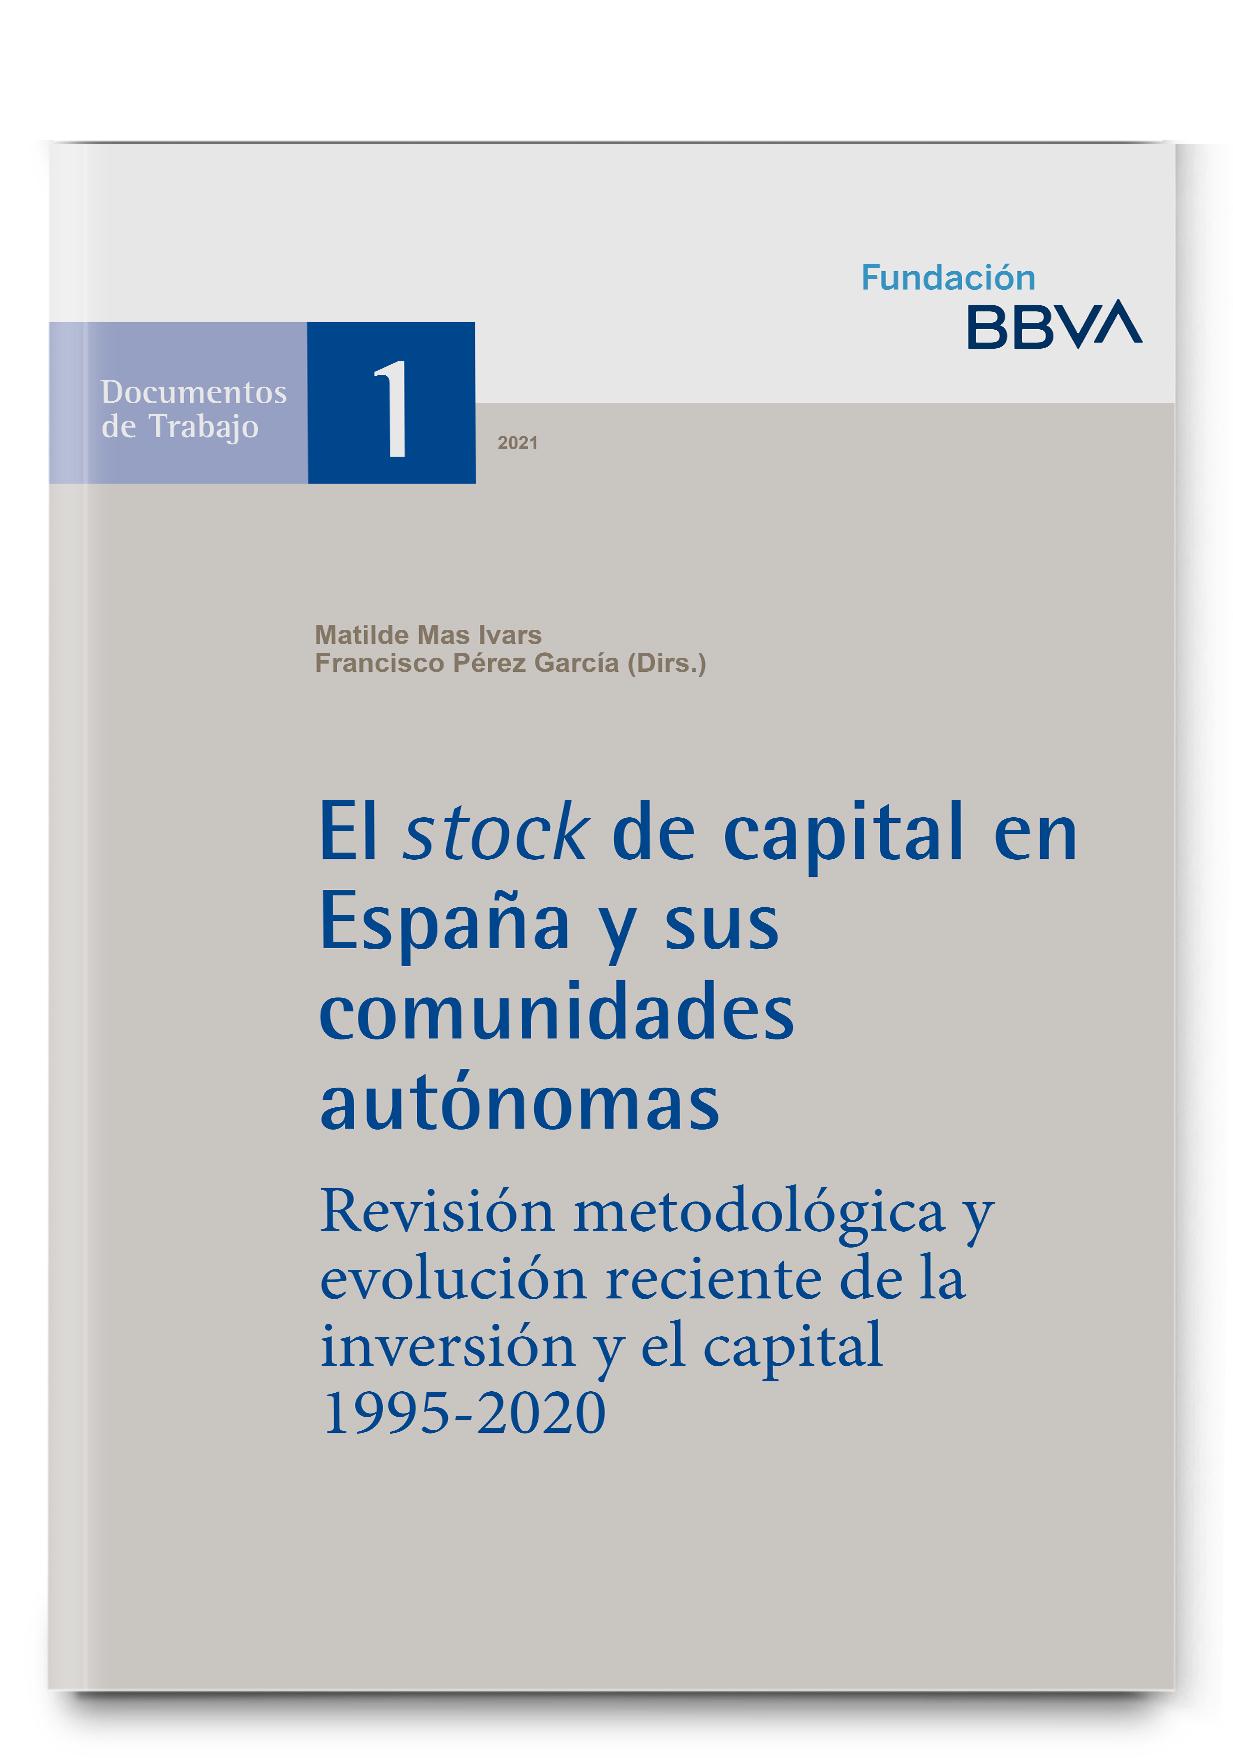 El stock de capital en España y sus comunidades autónomas. Ajuste de la inversión pública y reducción del déficit (1964-2017)